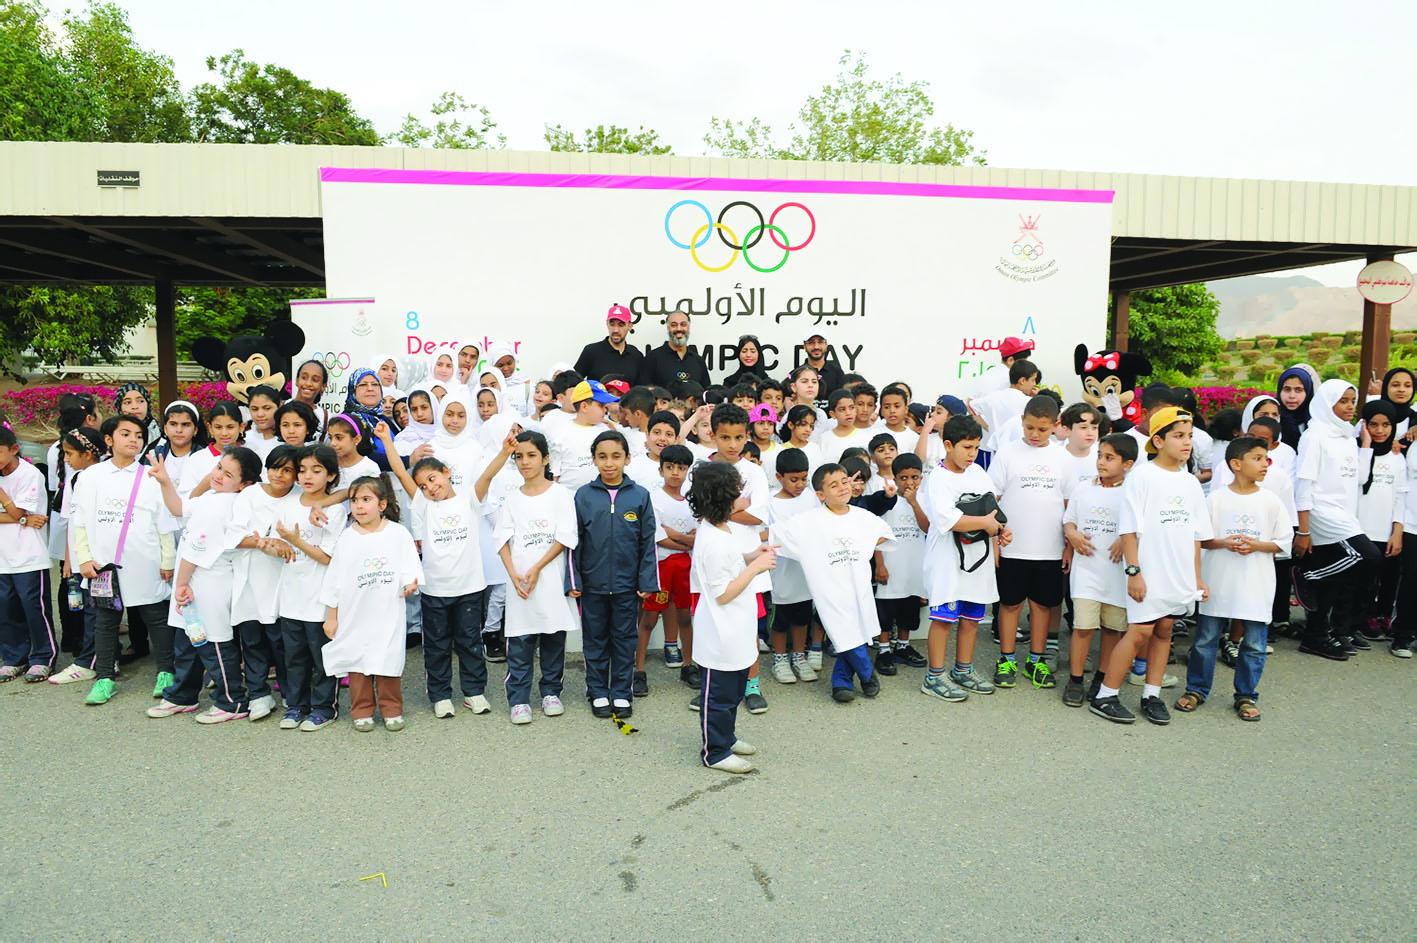 اللجنة الأولمبية العمانية تحتفل اليوم بإقامة فعاليات اليوم الأولمبي 2016